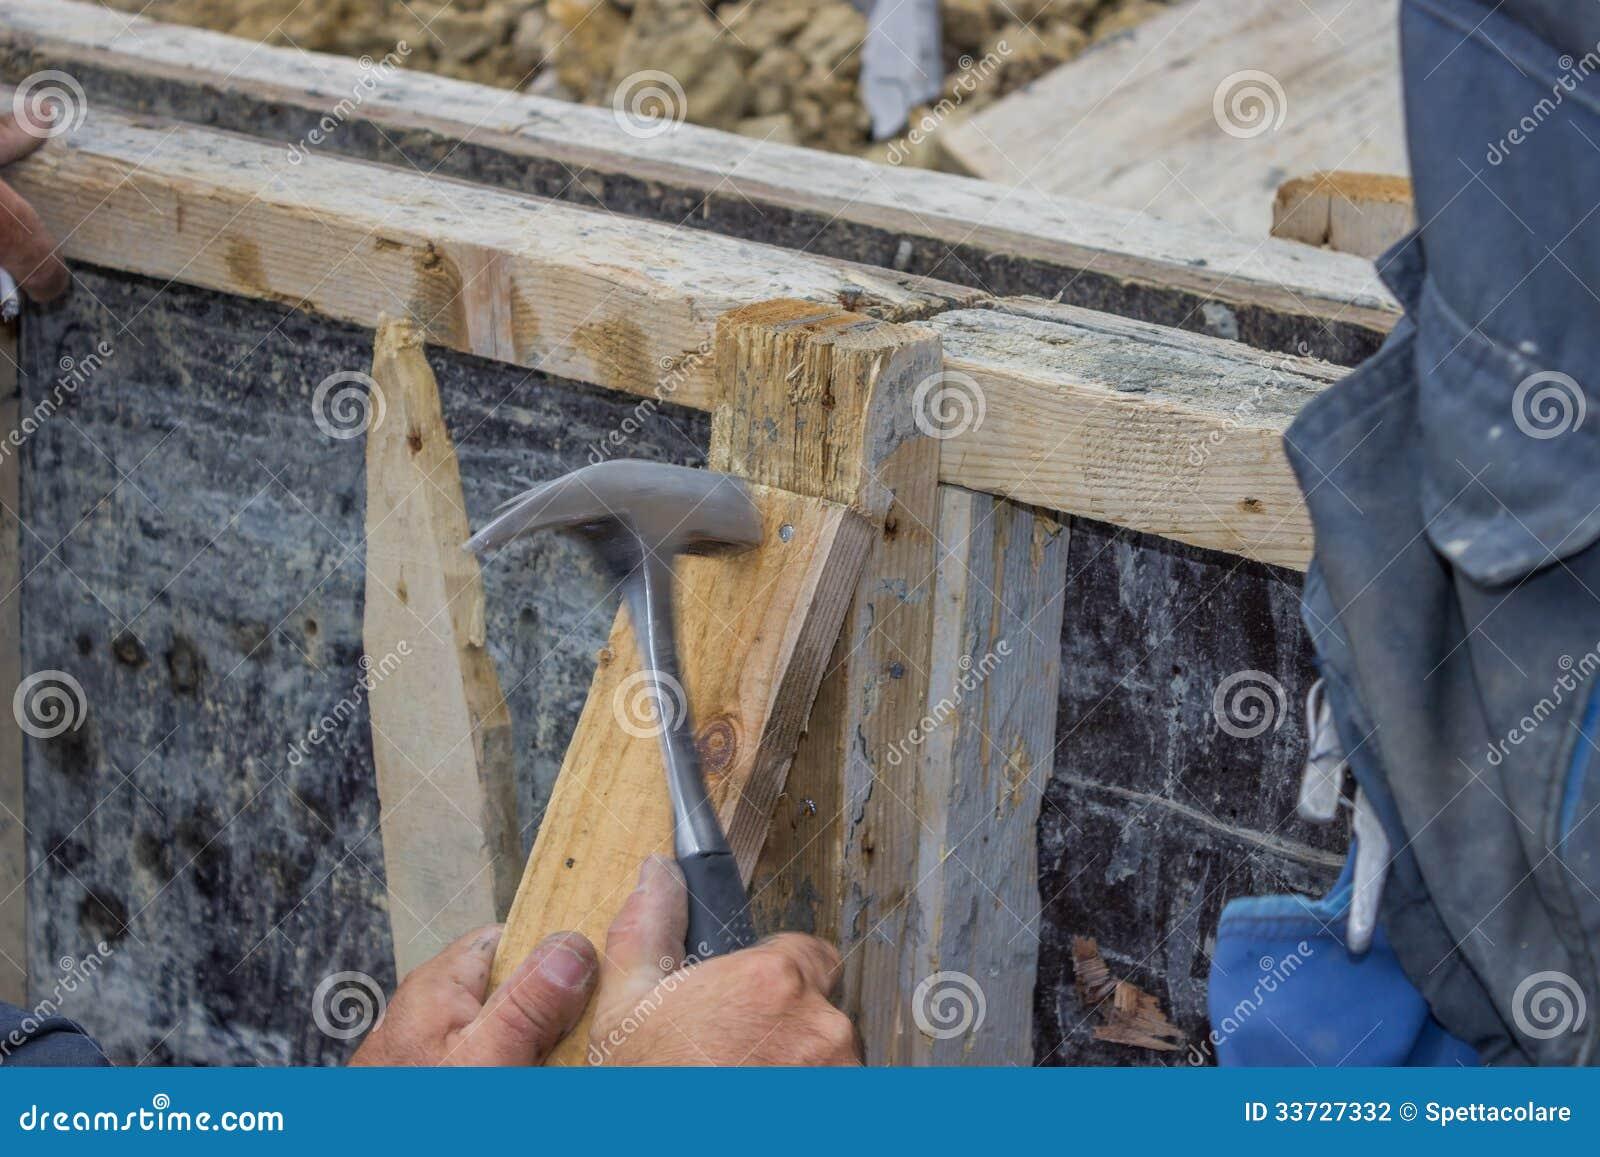 Построитель бить молотком ноготь молотком в кусок дерева 4